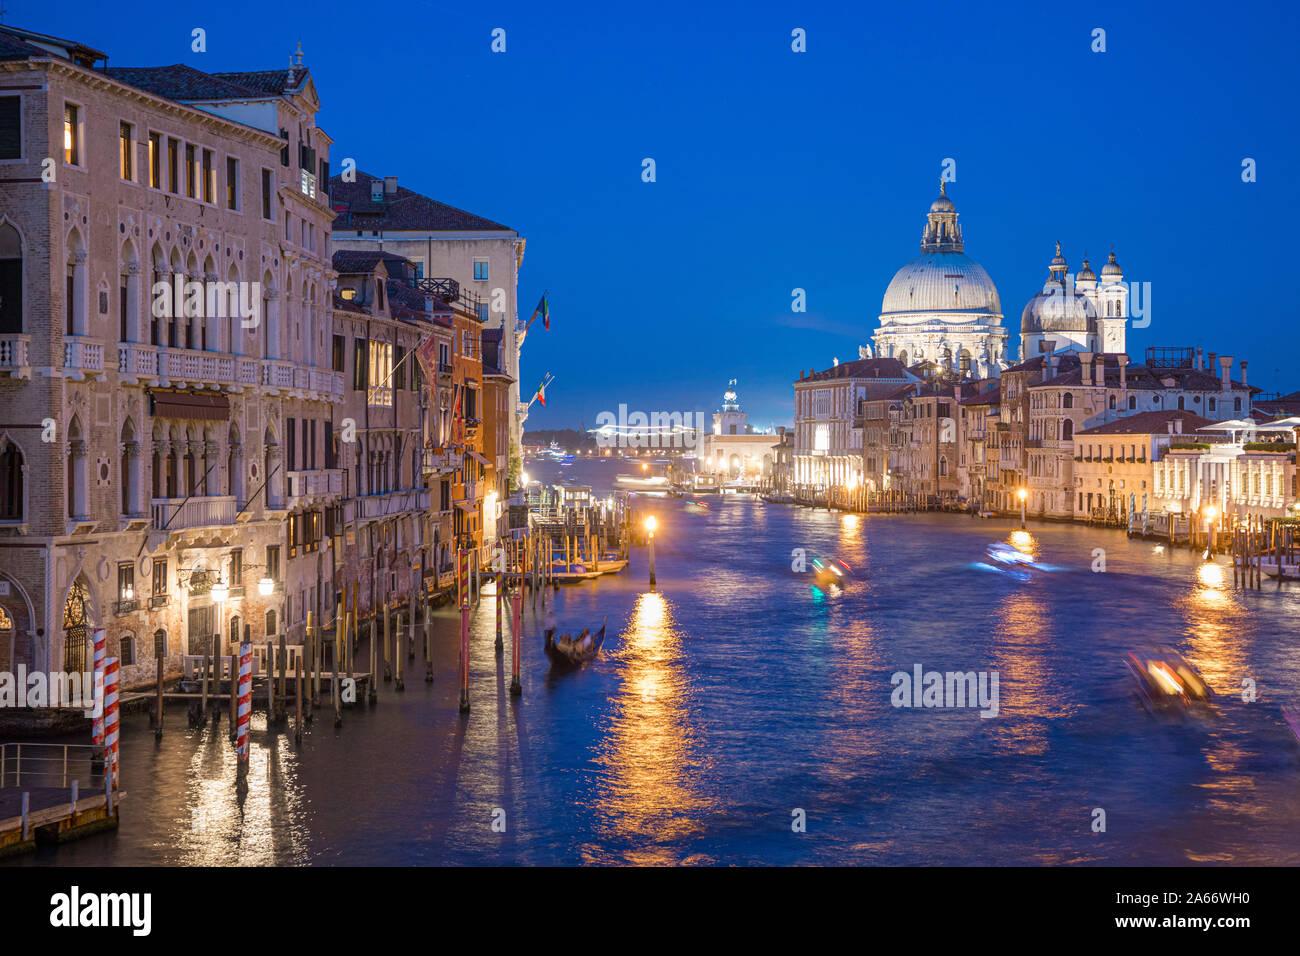 La Basílica di Santa Maria della Salute, el Gran Canal de Venecia, Véneto, Italia Foto de stock